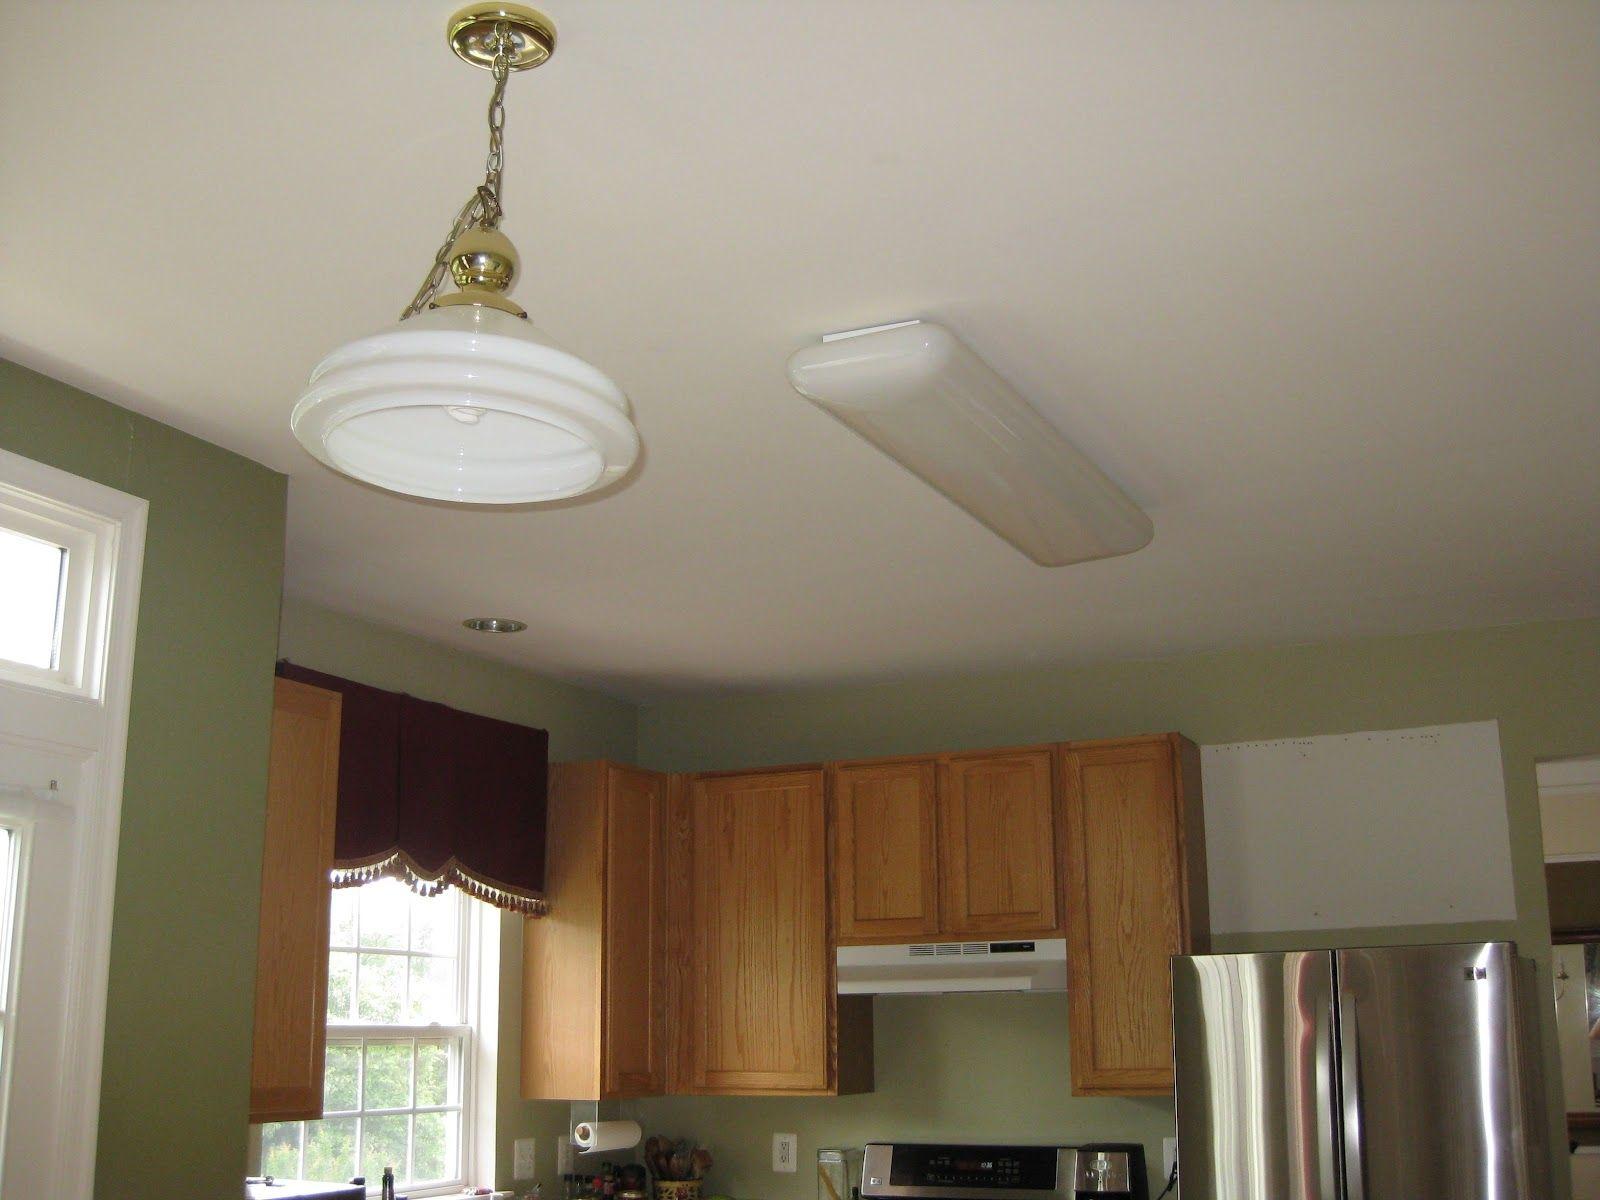 Kitchen Ceiling Light Fixture Covers - 20.18.kaartenstemp.nl •